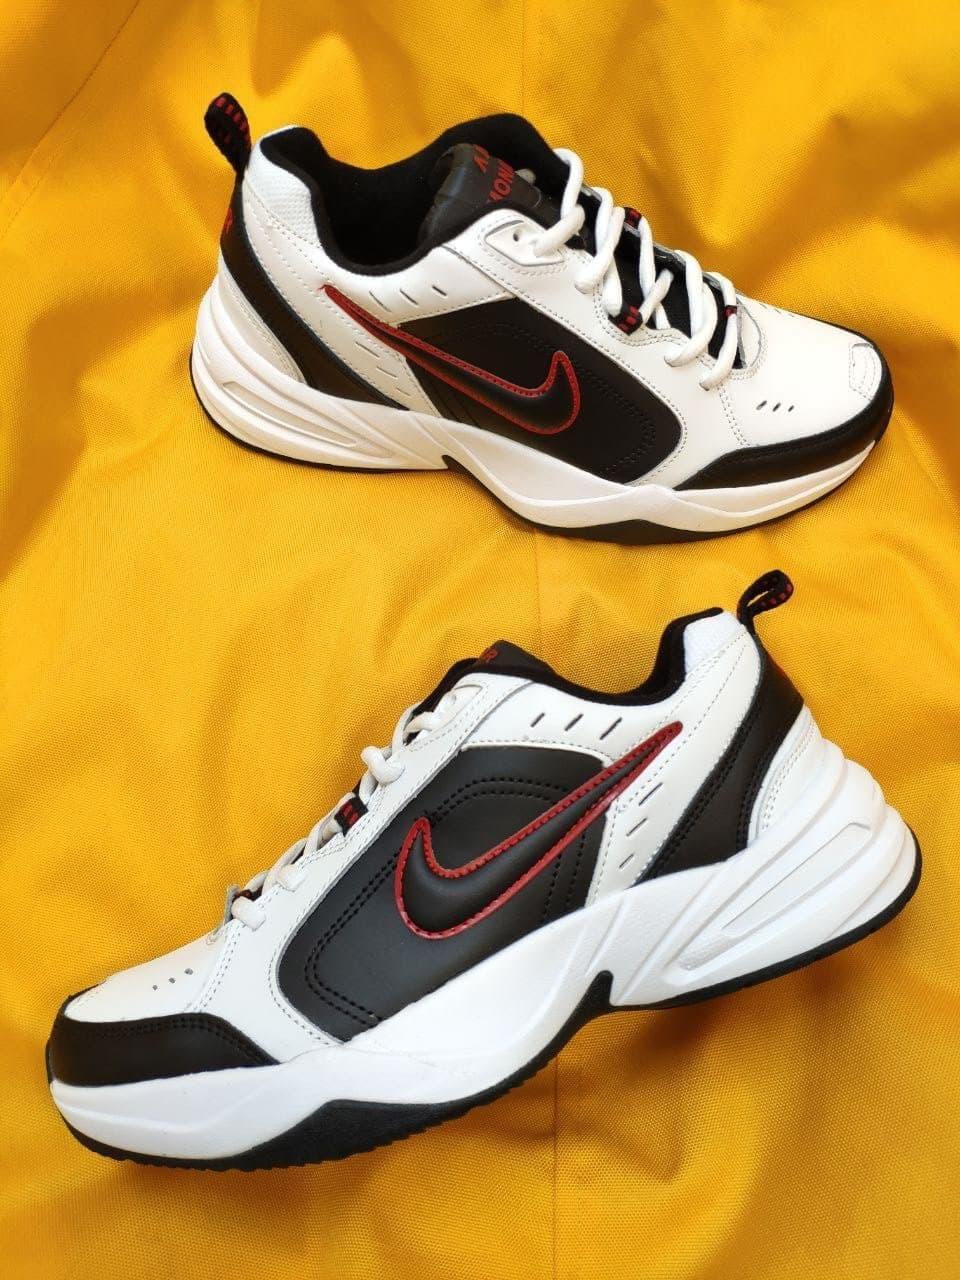 Чоловічі кросівки Nike Air Monarch (біло-чорно-червоні) D88 стильне взуття на весняний сезон